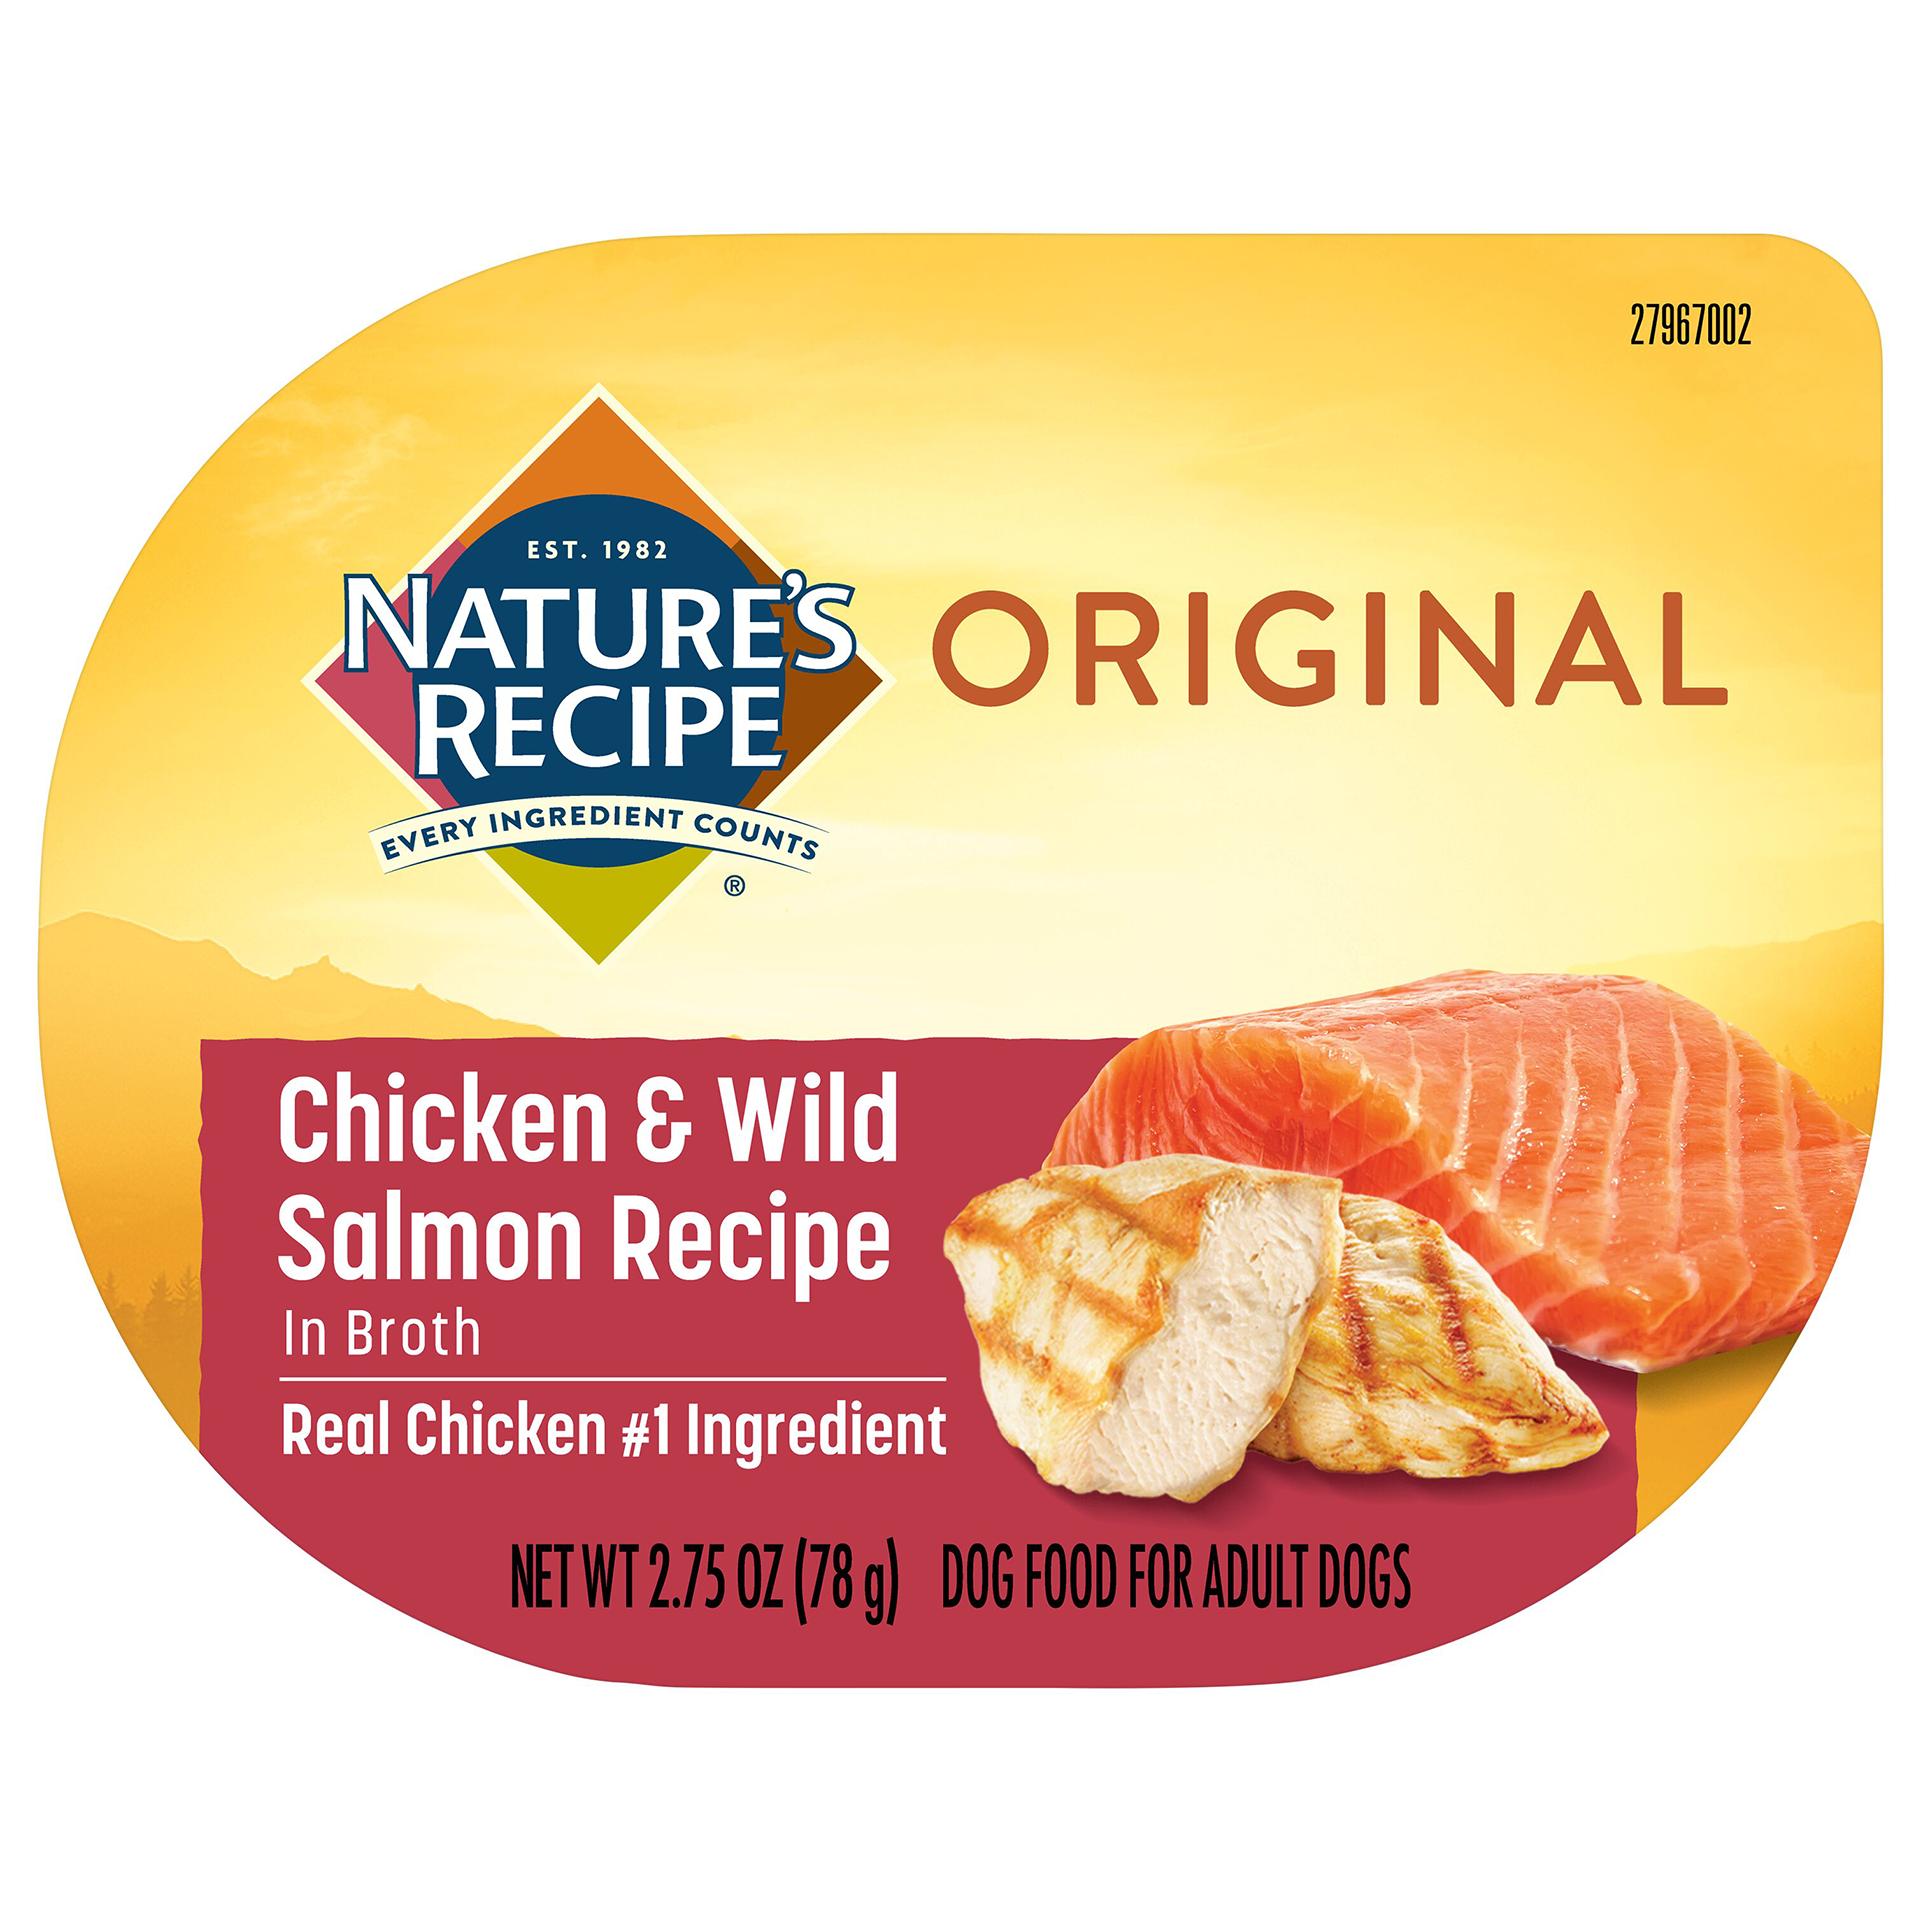 Chicken & Wild Salmon Recipe In Broth